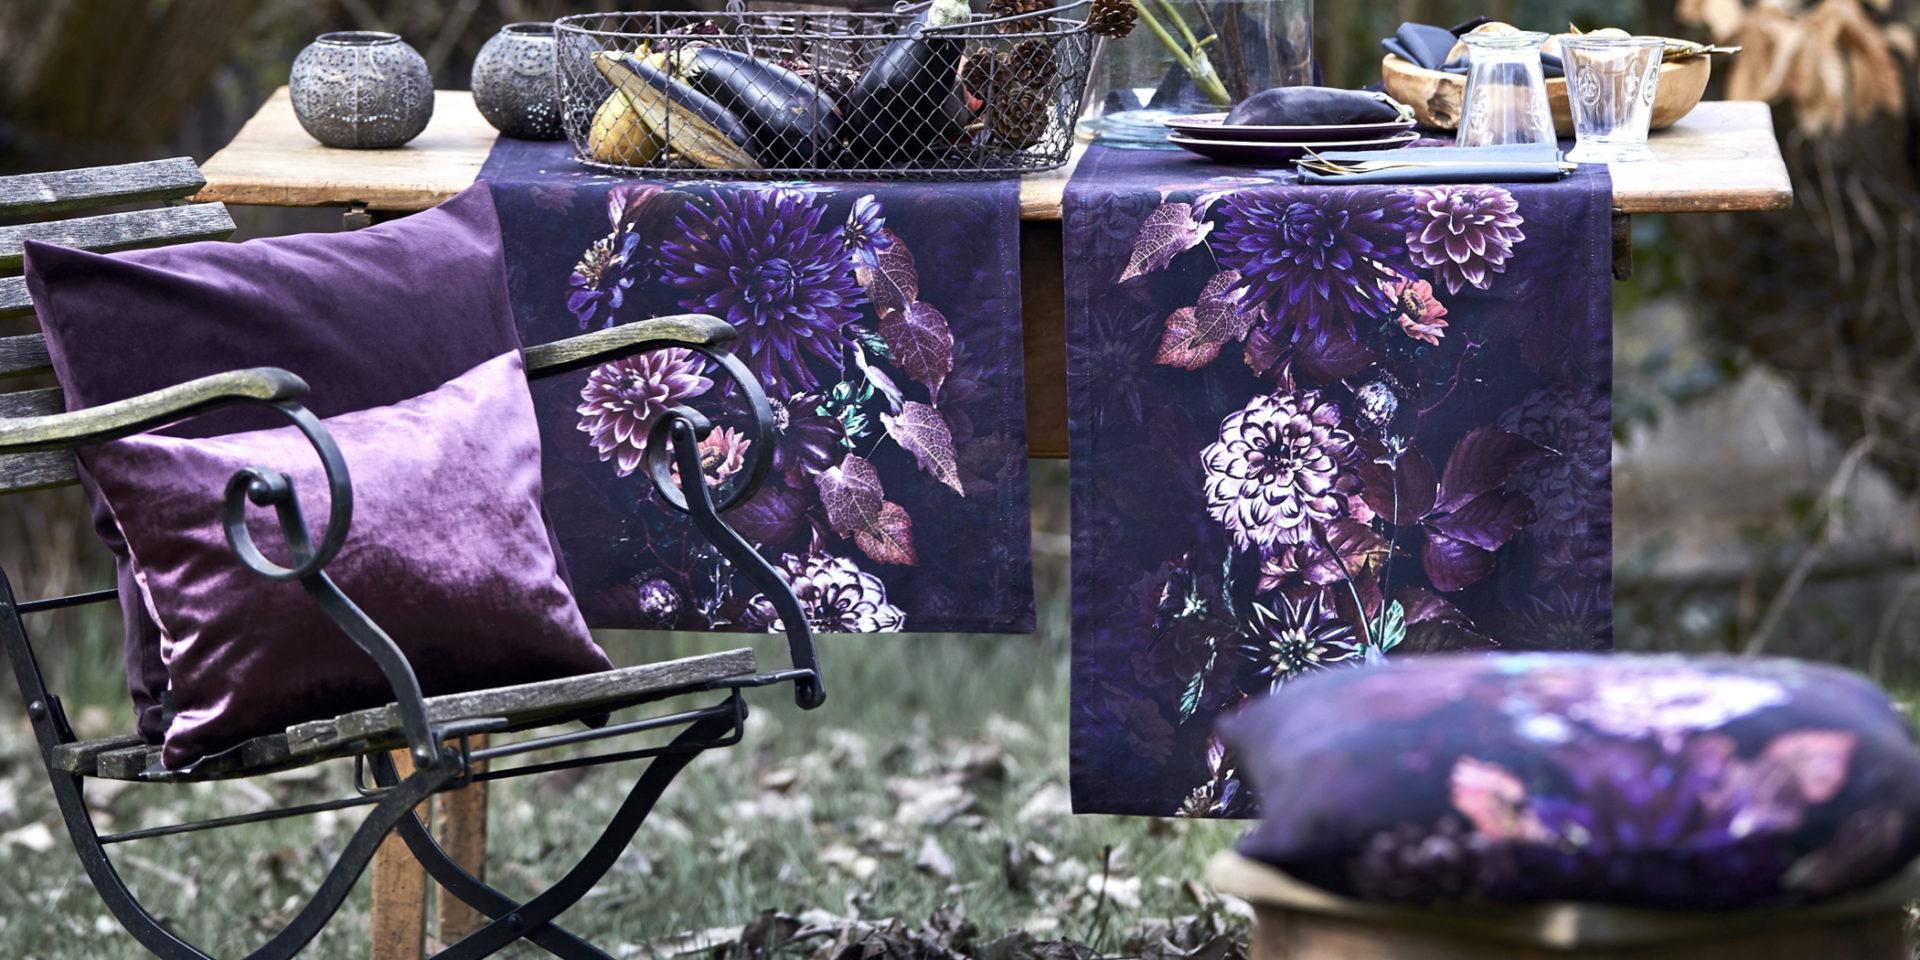 Blumenkissen & Kissen mit floralen Motiven